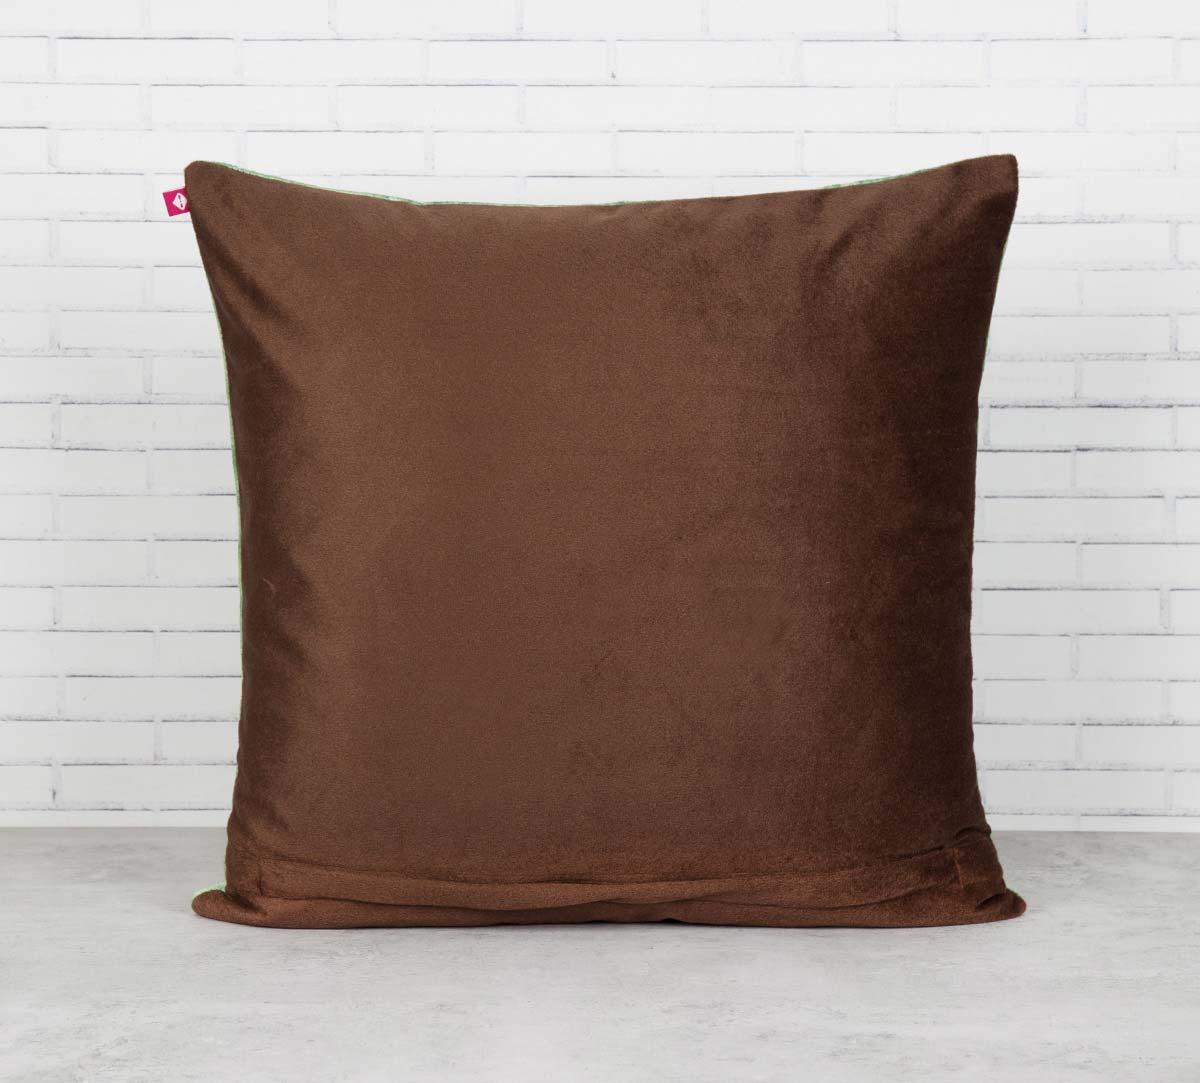 Palmeria Conifer Reiteration Blended Velvet Cushion Cover